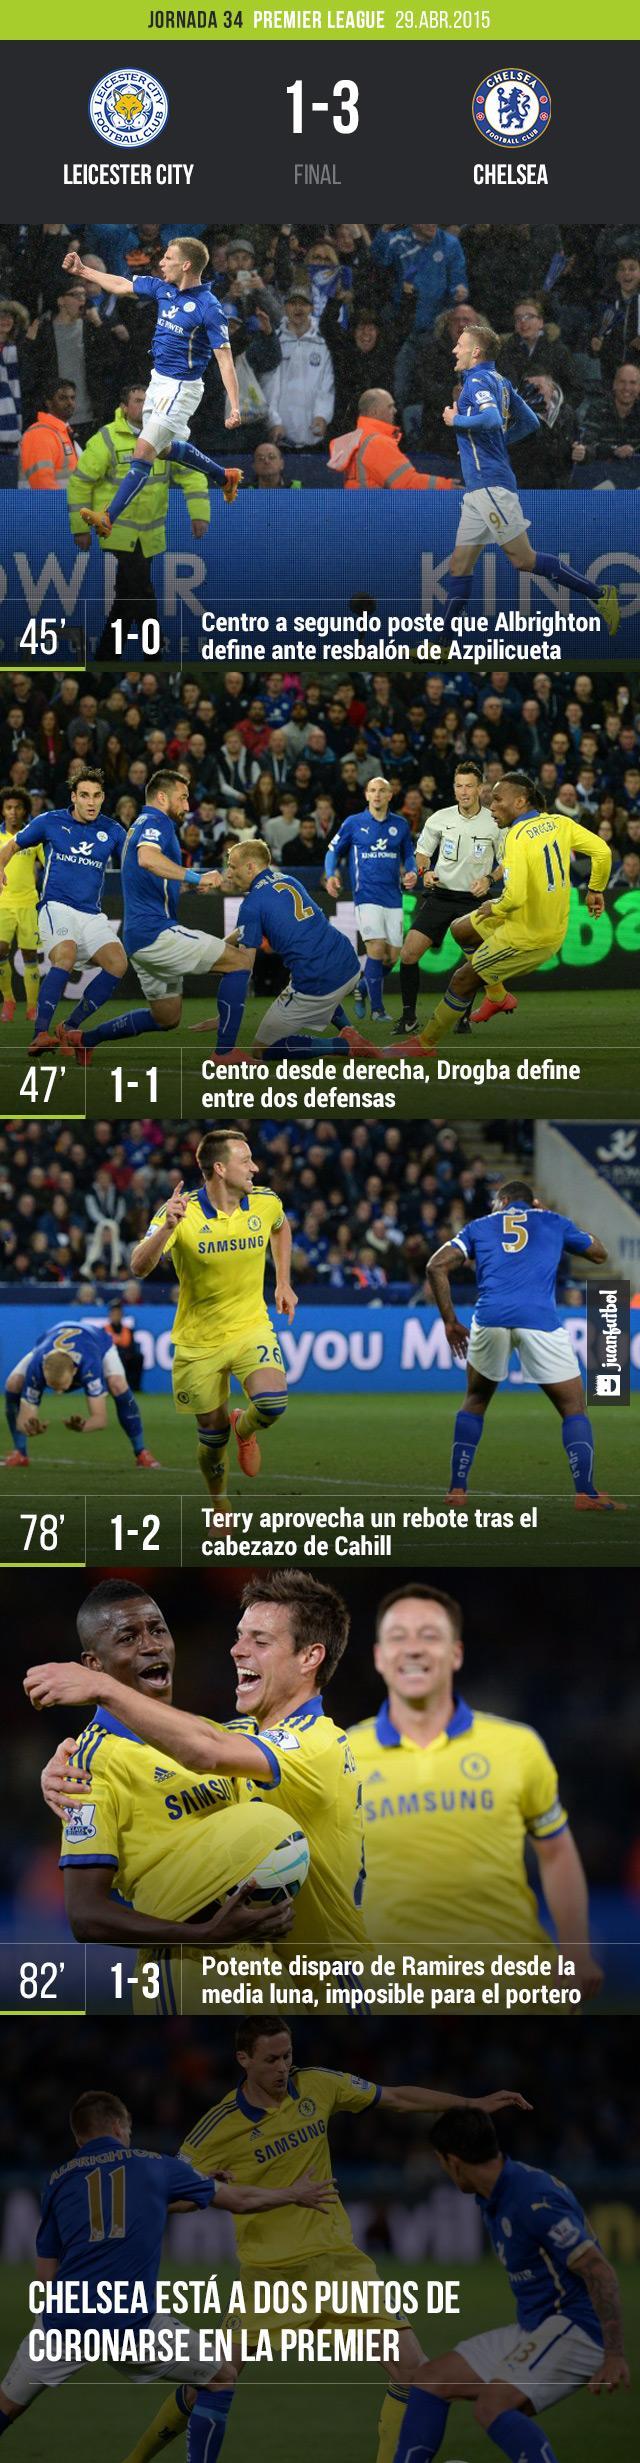 Chelsea derrota 3-1 a Leicester City en la Premier League con goles de Drogba, Ramires y John Terry